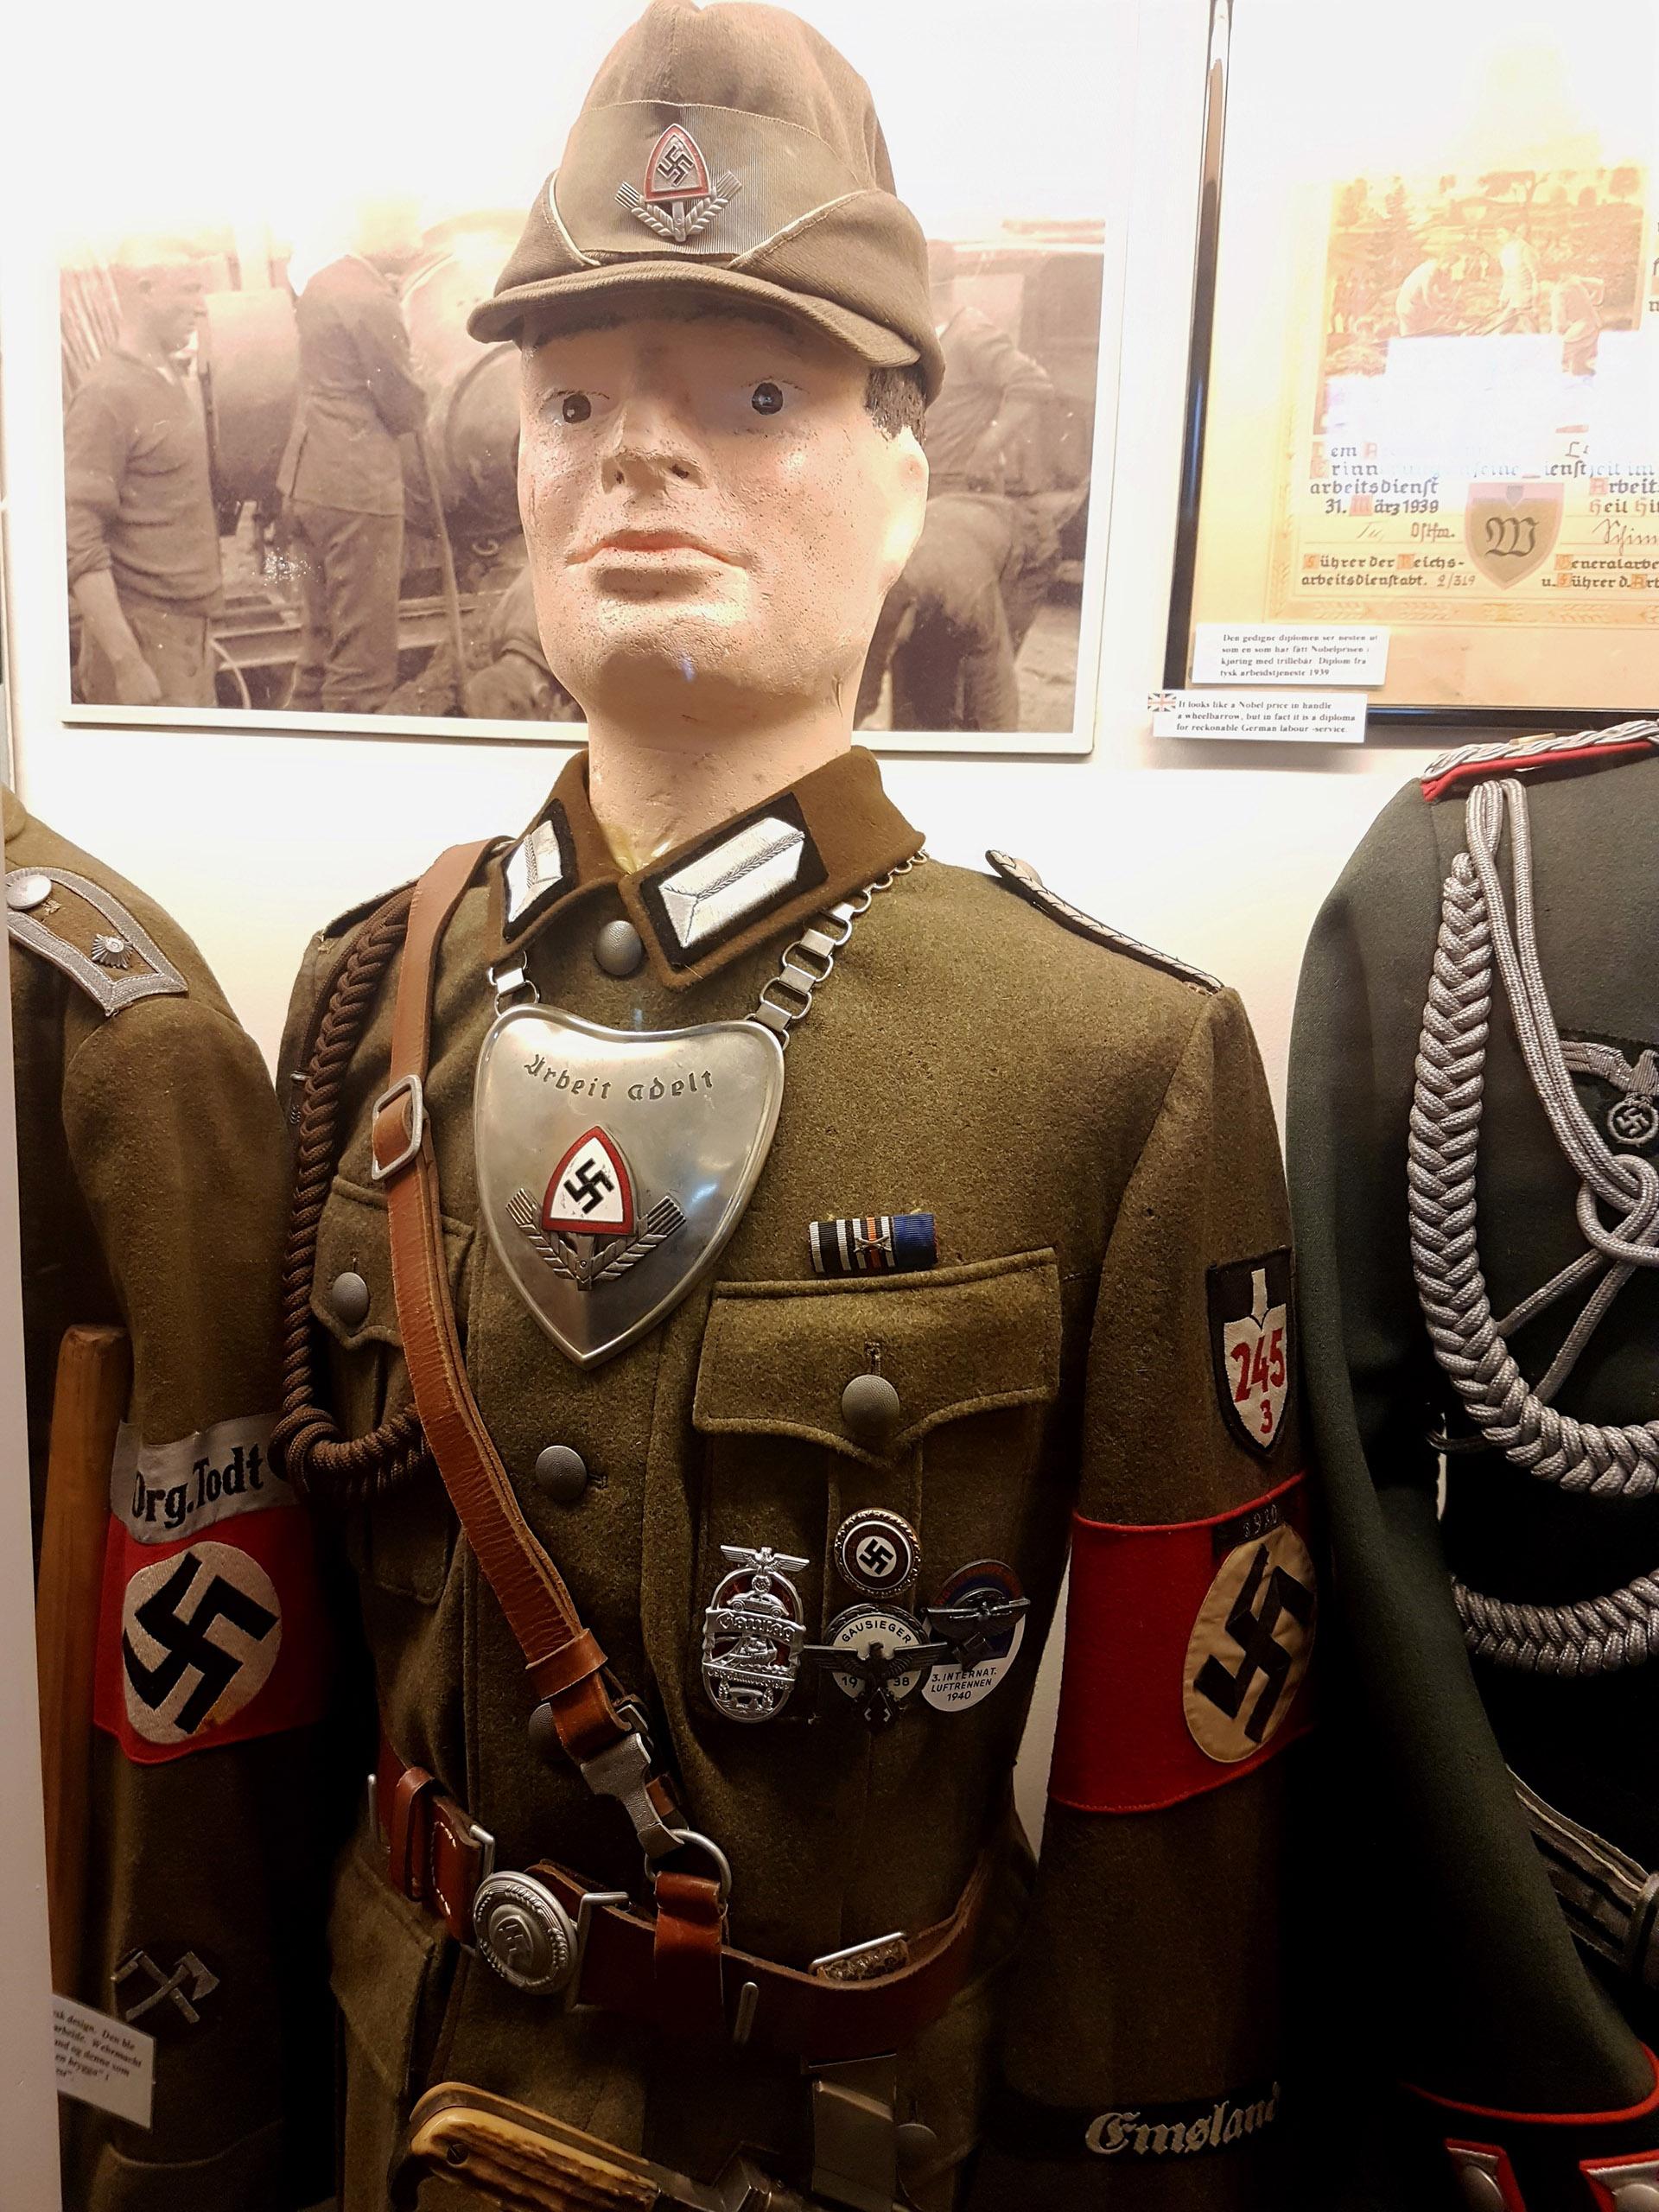 Tysk arbeidstjeneste. Offiser. Var også i Norge.